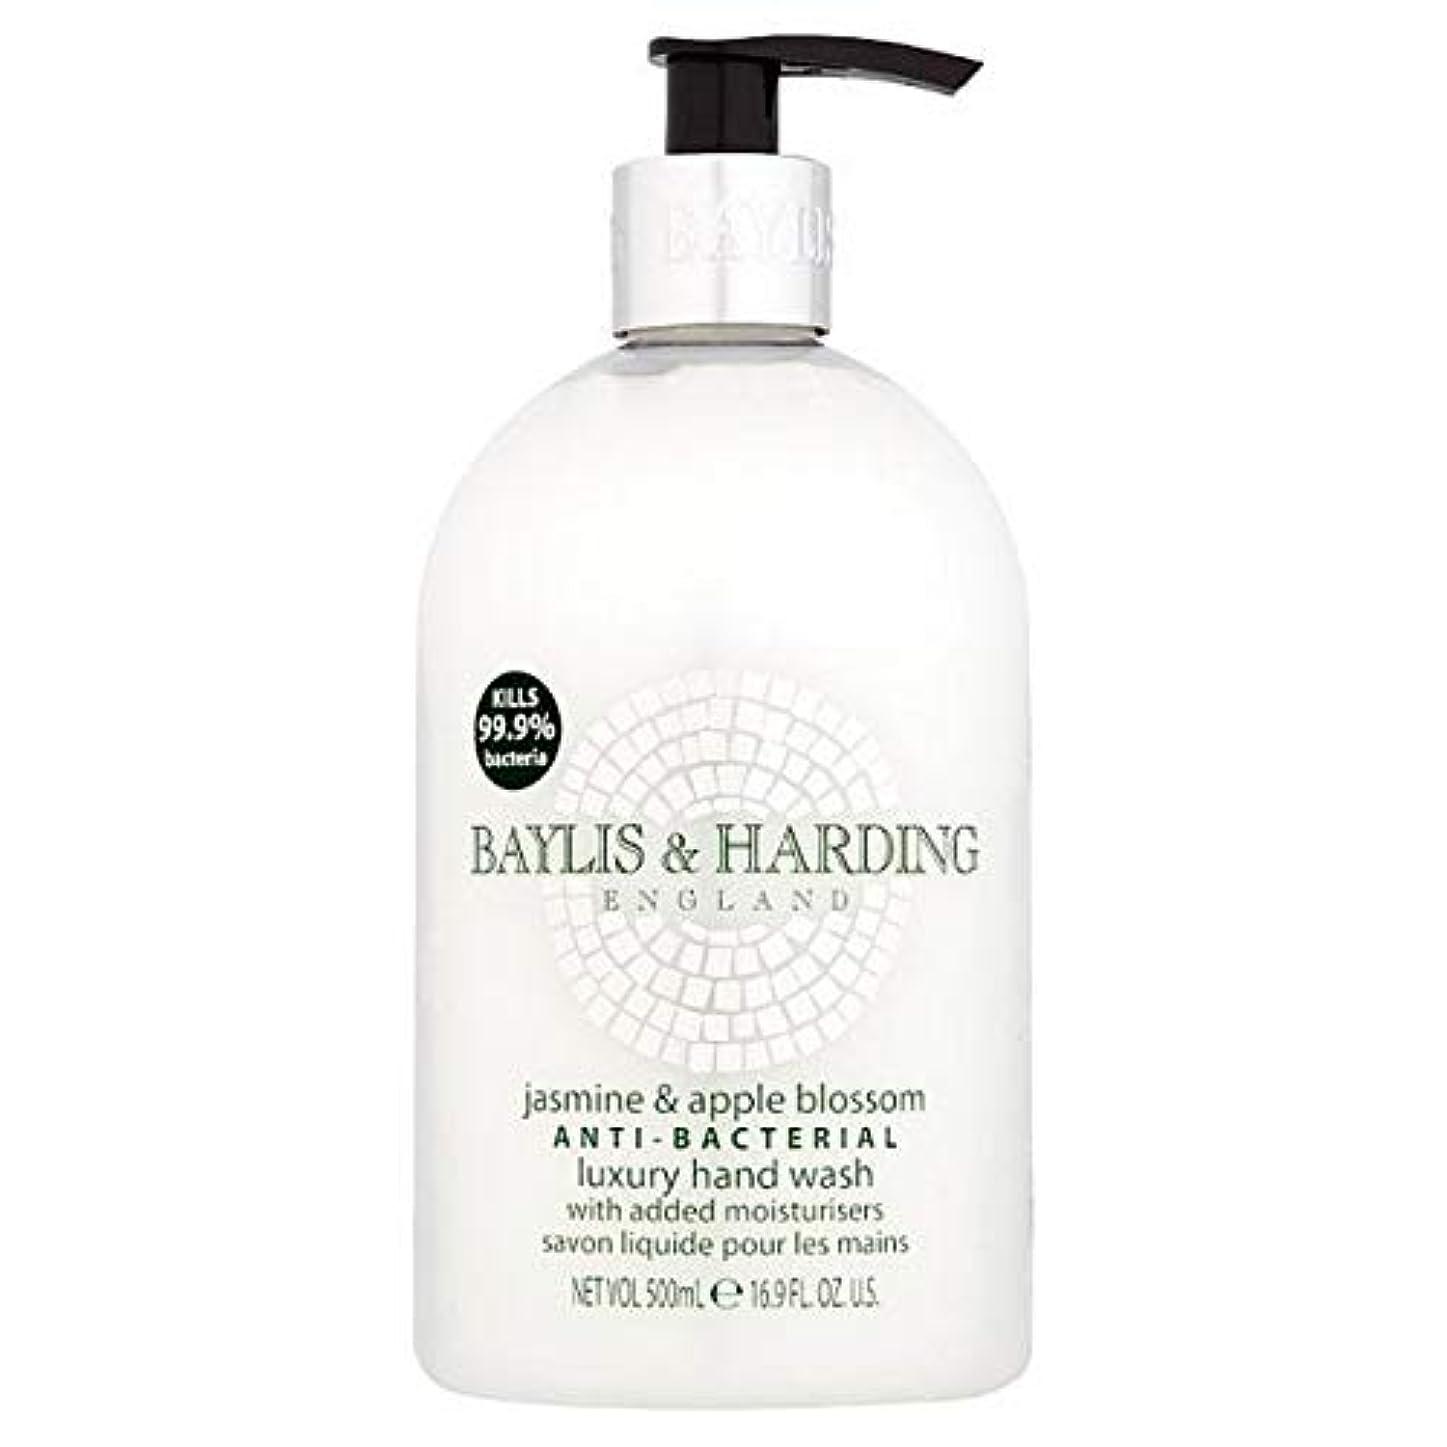 襟傭兵パノラマ[Baylis & Harding ] ベイリス&ハーディング署名抗菌手洗い用500ミリリットル - Baylis & Harding Signature Antibacterial Hand Wash 500ml [並行輸入品]